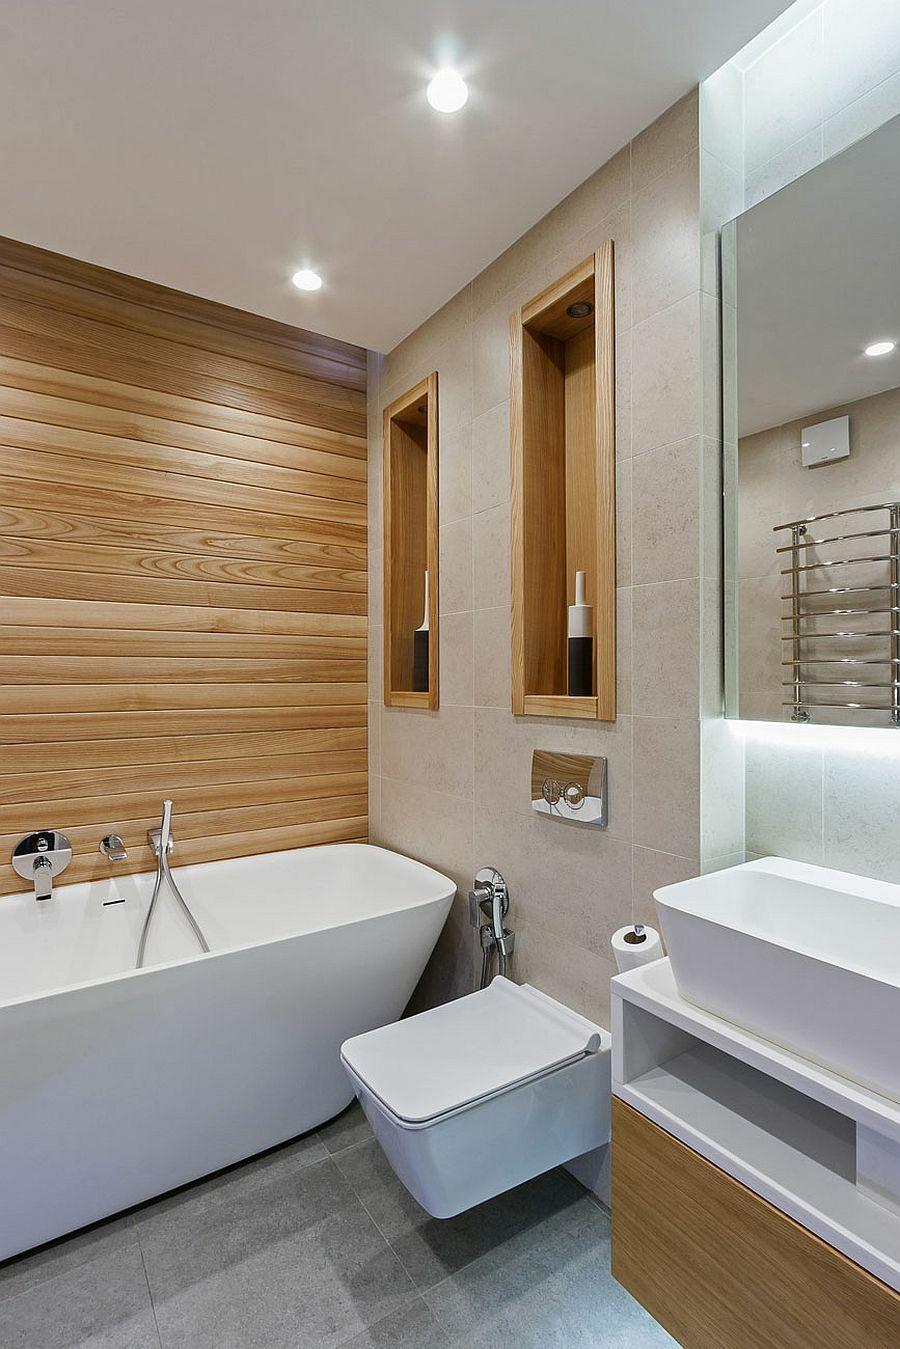 Hängende Möbel und Einrichtungselemente verkleinern visuell den Raum, aber nicht sehr viel